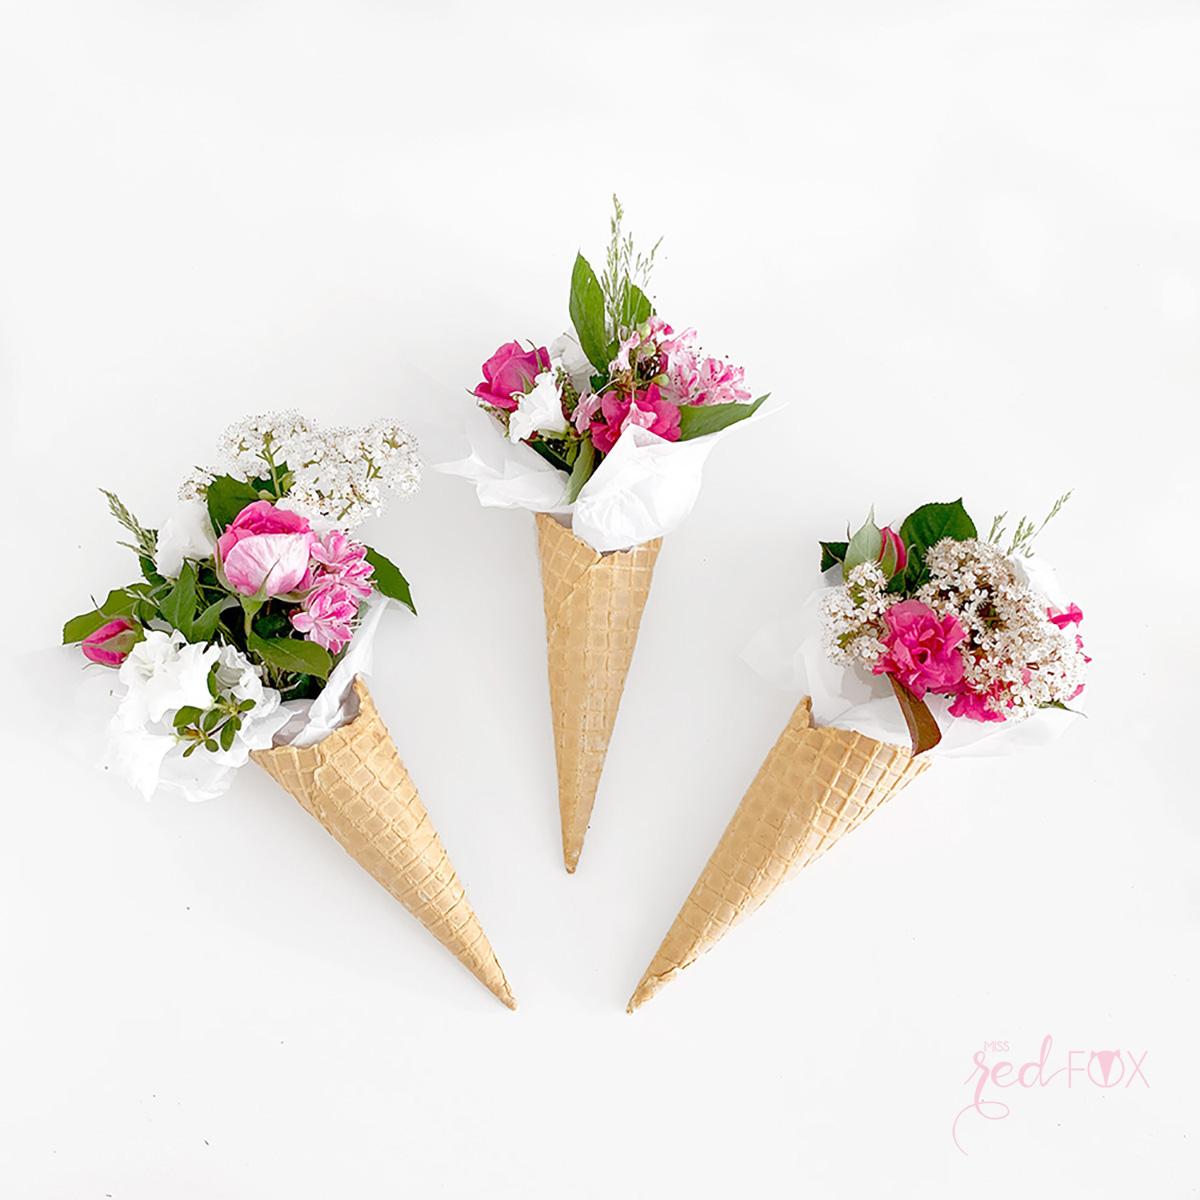 missredfox - 12giftswithlove - 05 - Blumen - Eiswaffel Blumenstrauß - 01